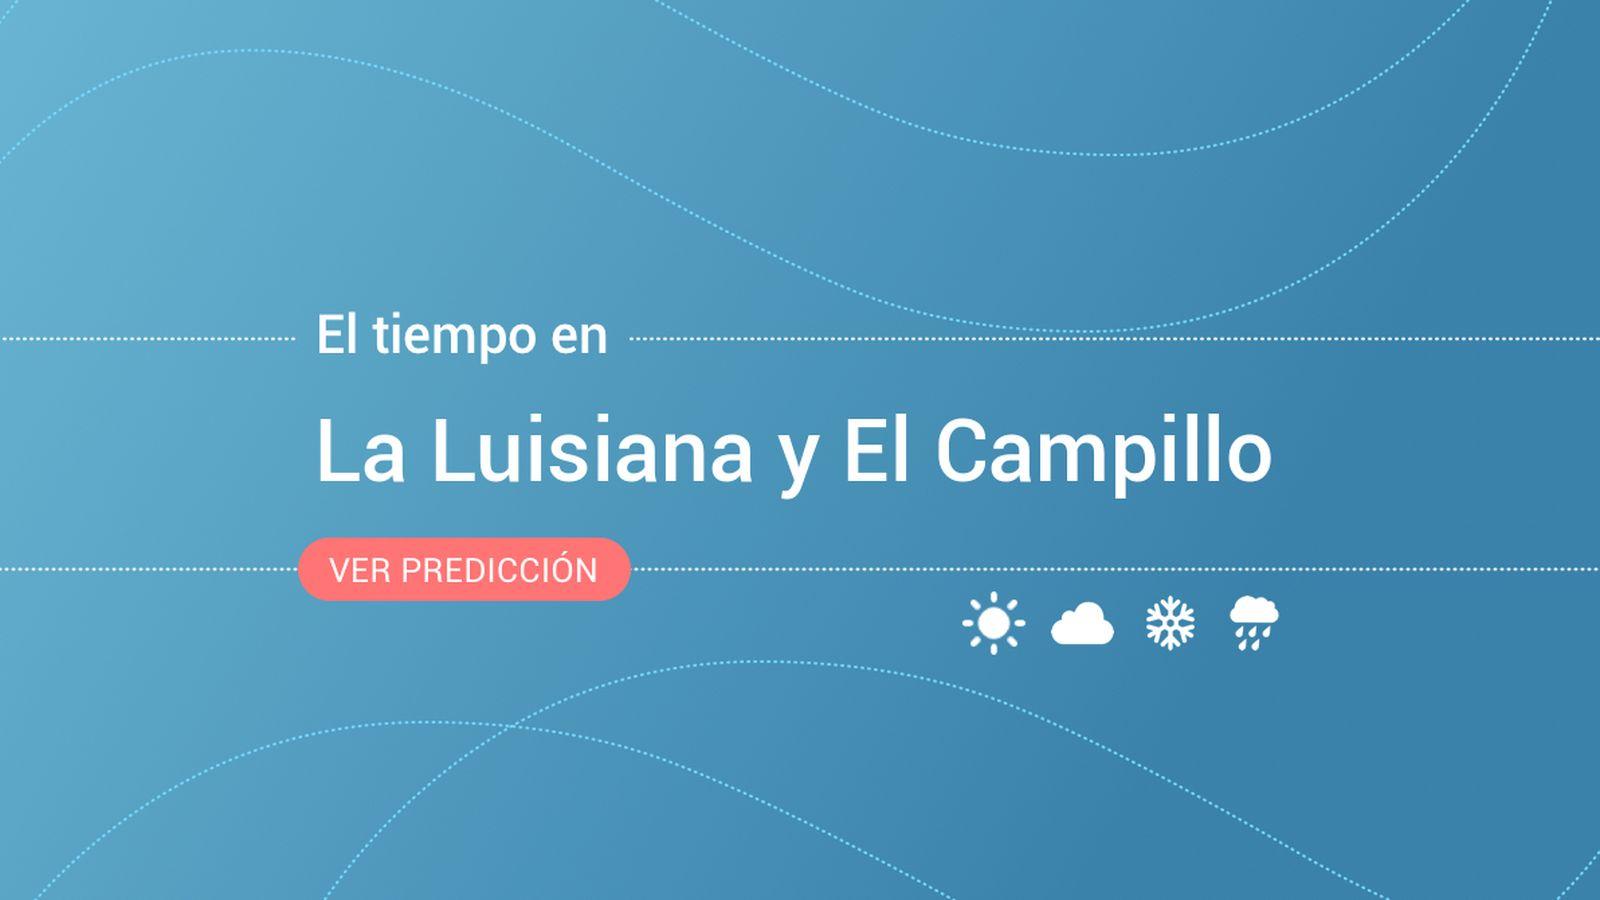 Foto: El tiempo en La Luisiana y El Campillo. (EC)